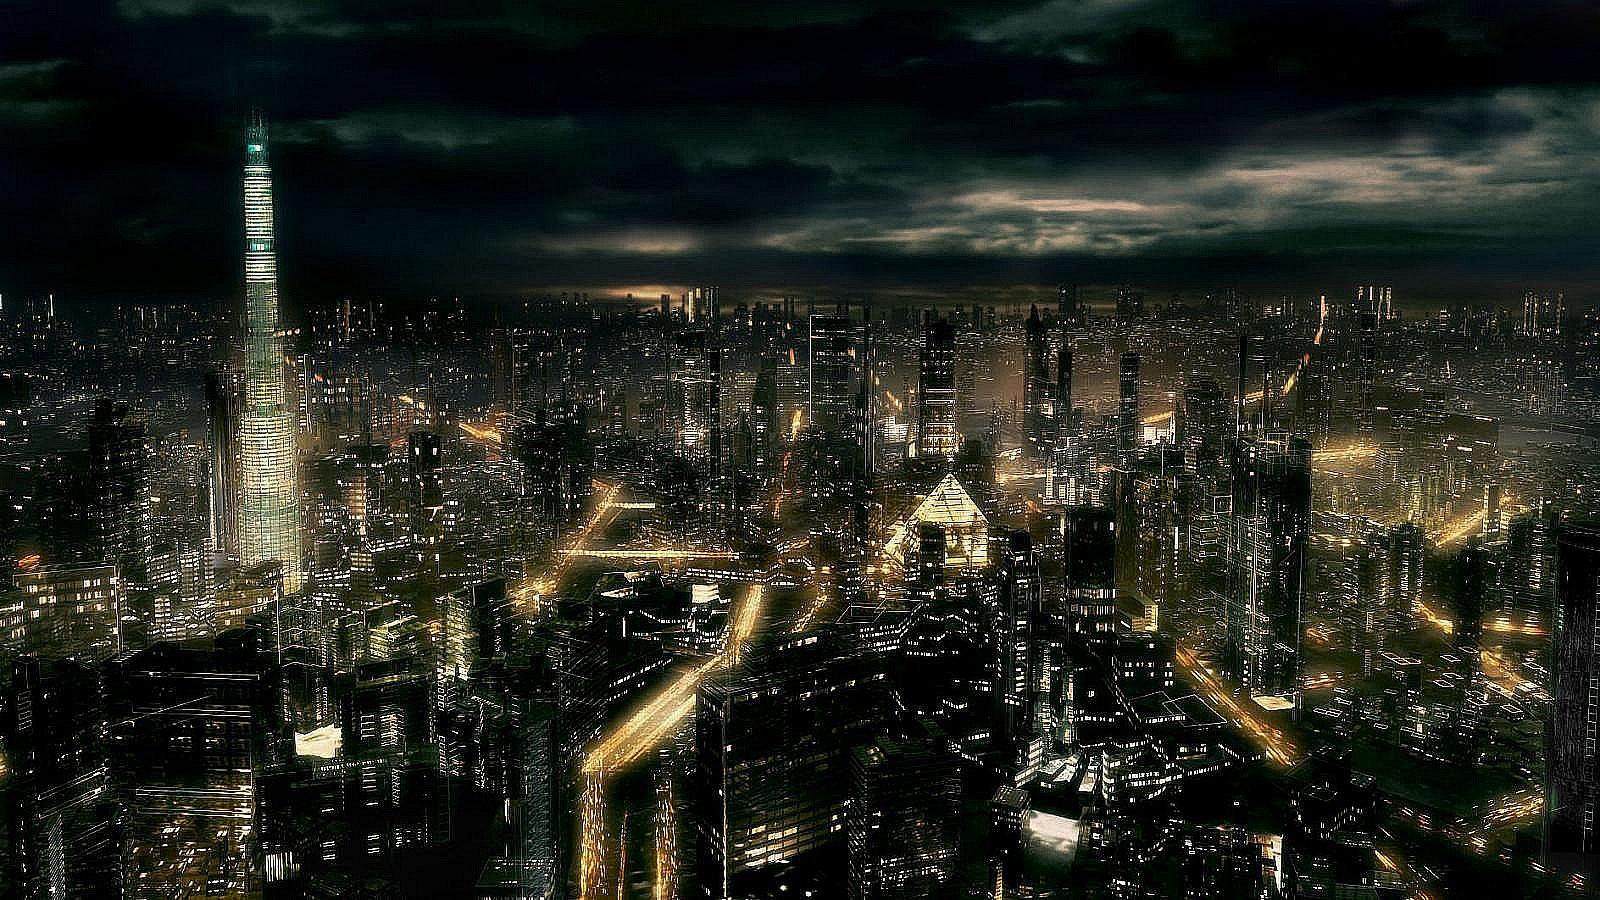 Dark City All Night Hd 1600x900 pixel City HD Wallpaper 34555 1600x900